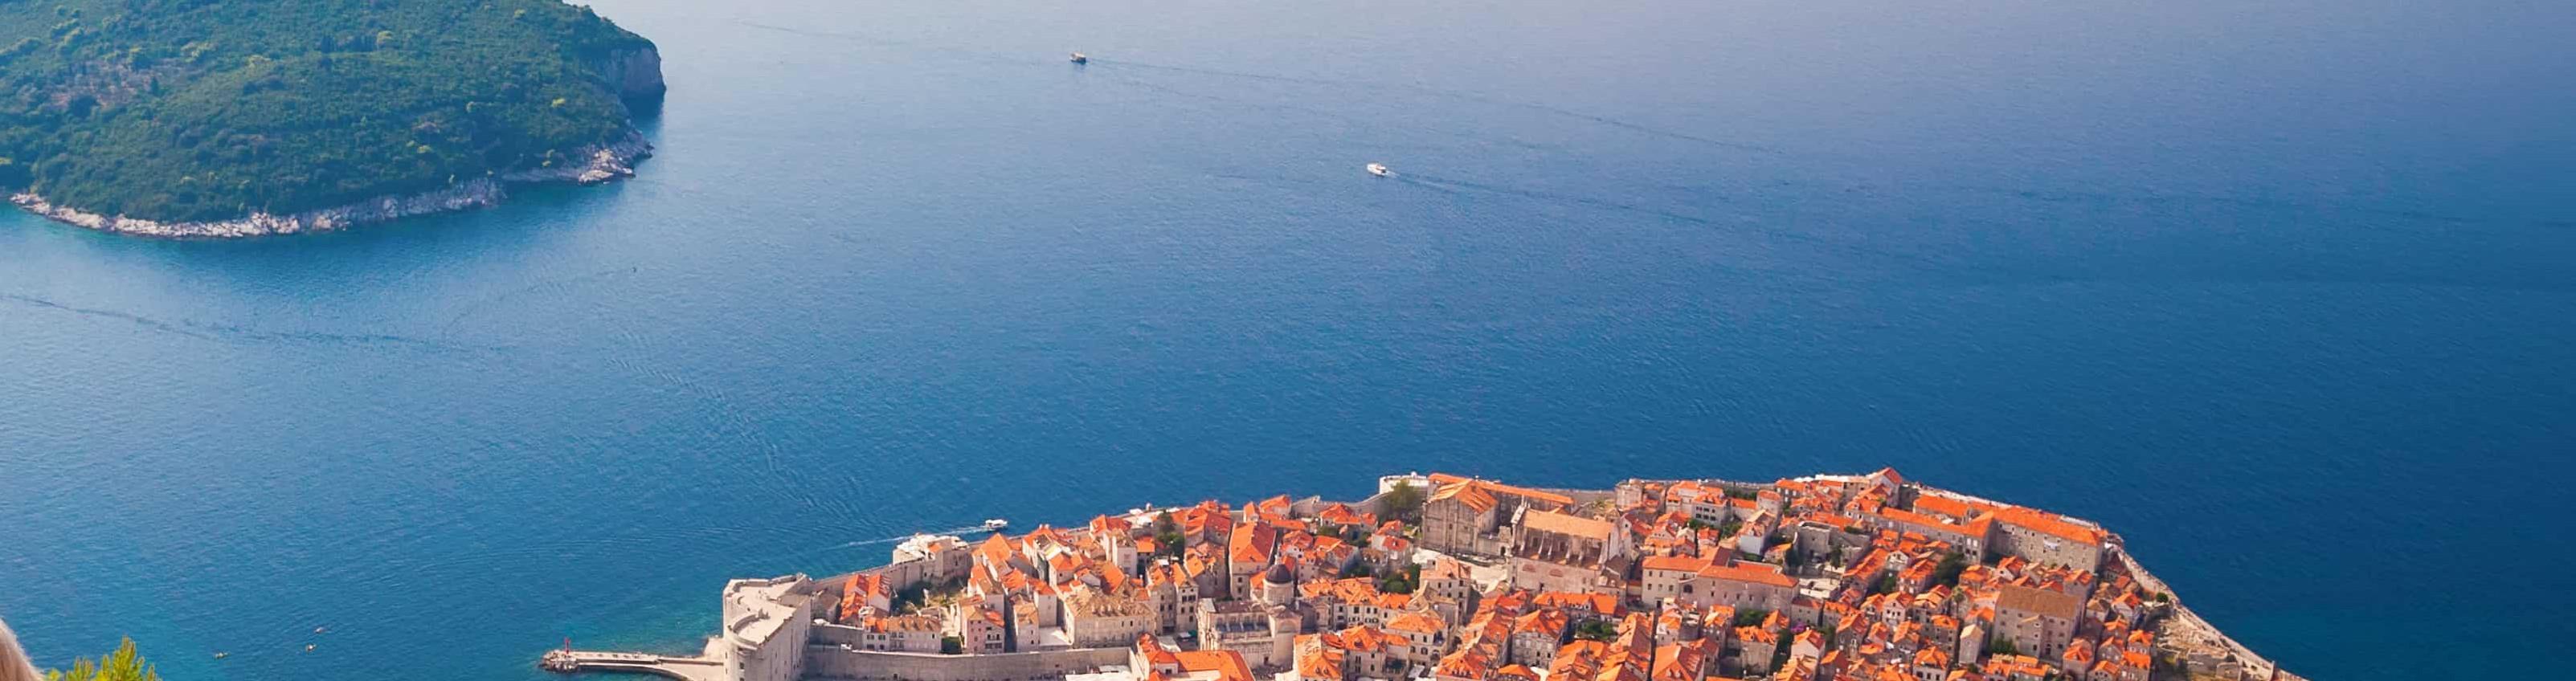 Скорее на море: SkyUp анонсирует акцию на курортные направления